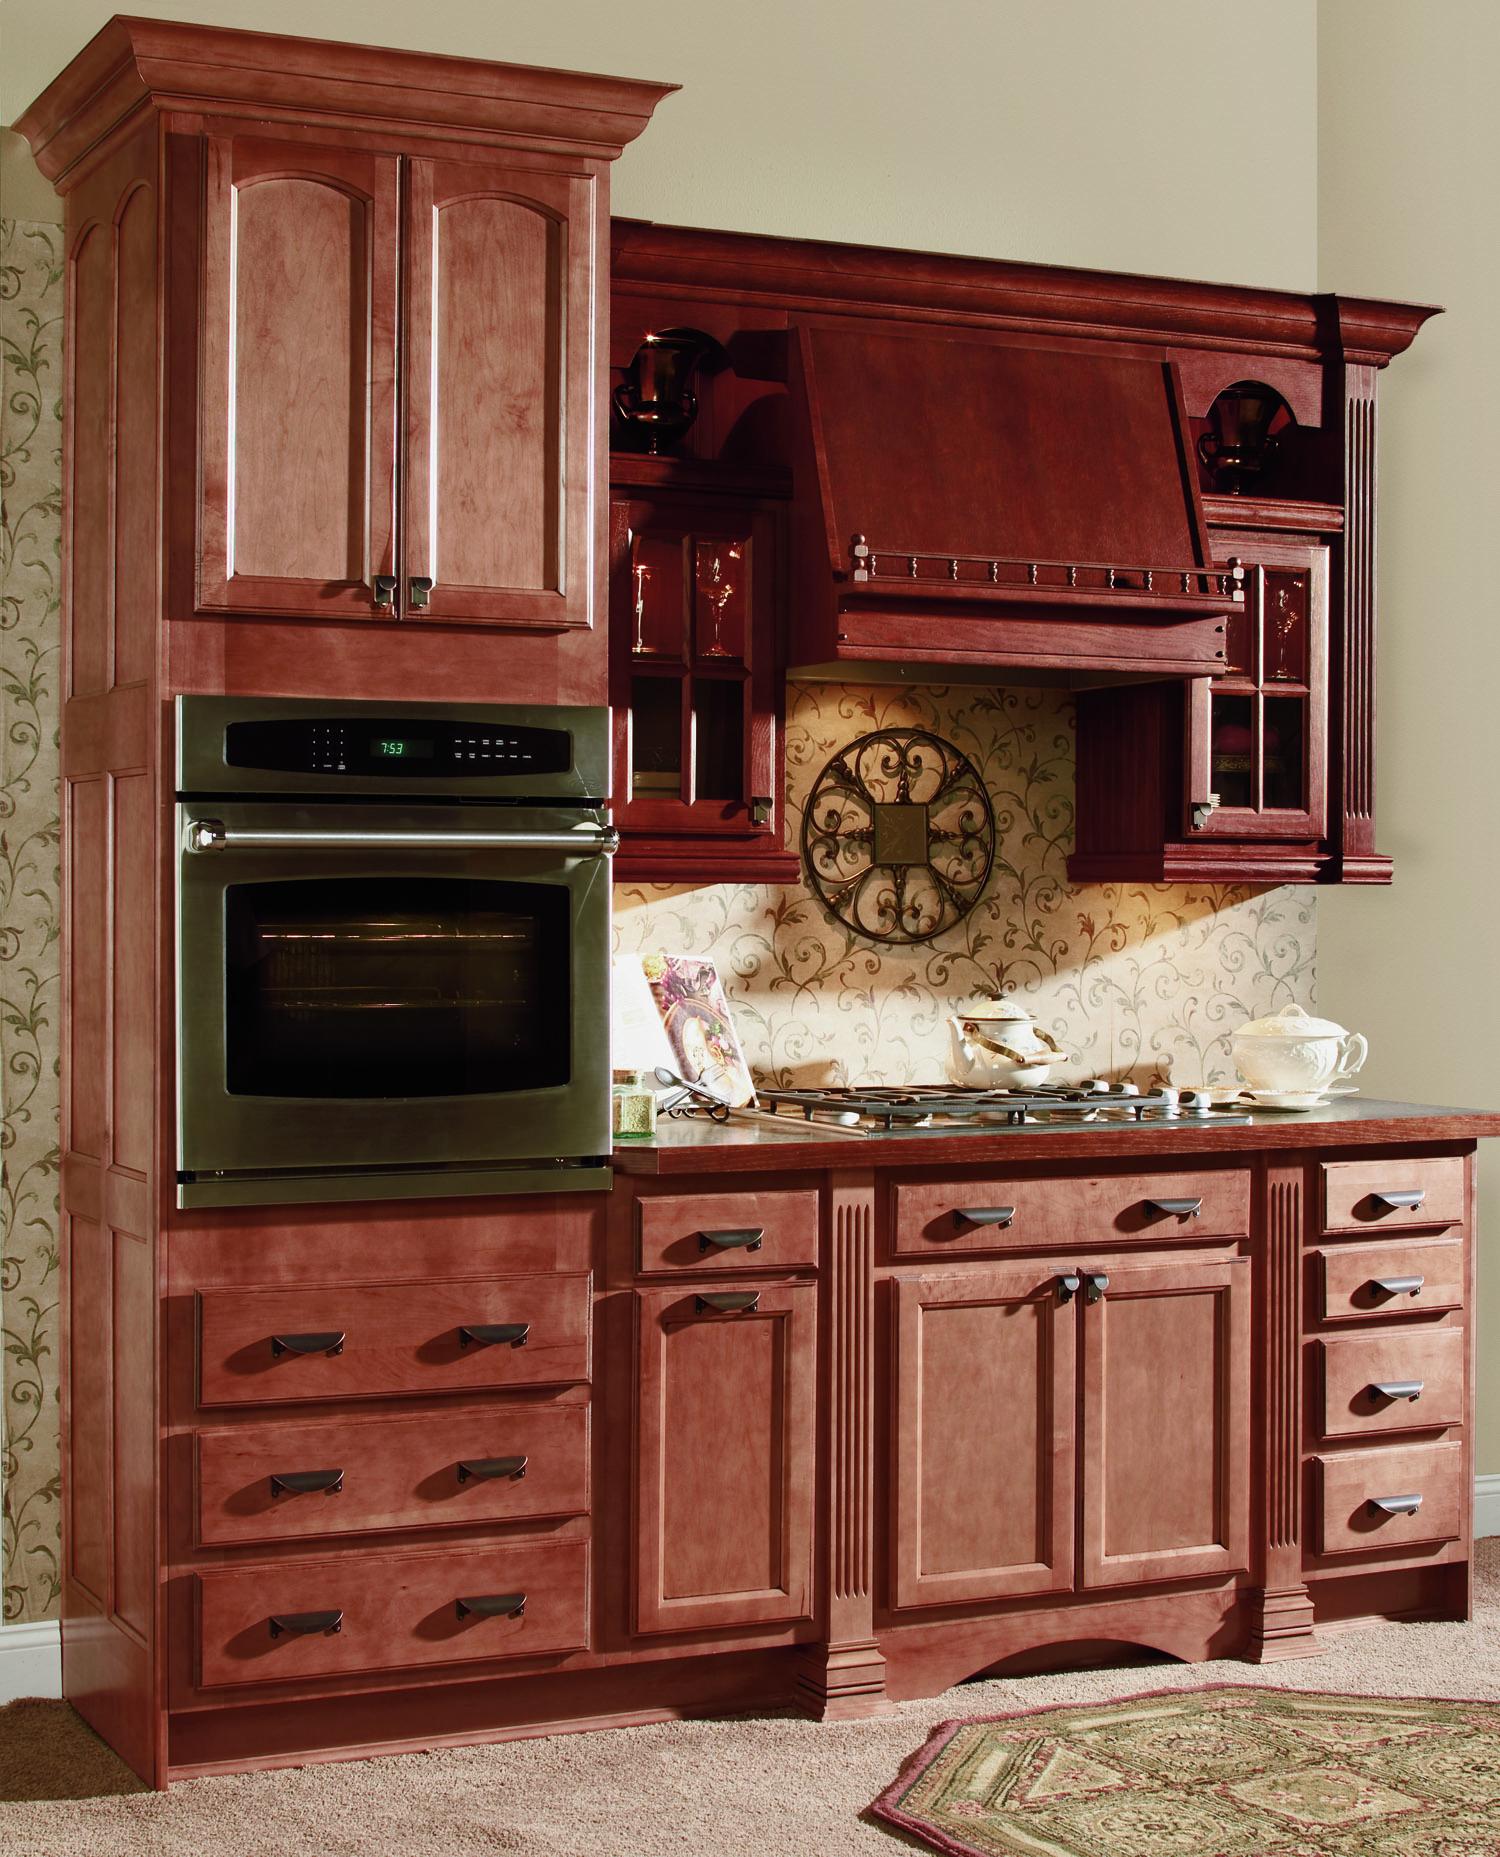 ARA_MPL_NMG w_ARS_OAK_SBL Kitchen.jpg